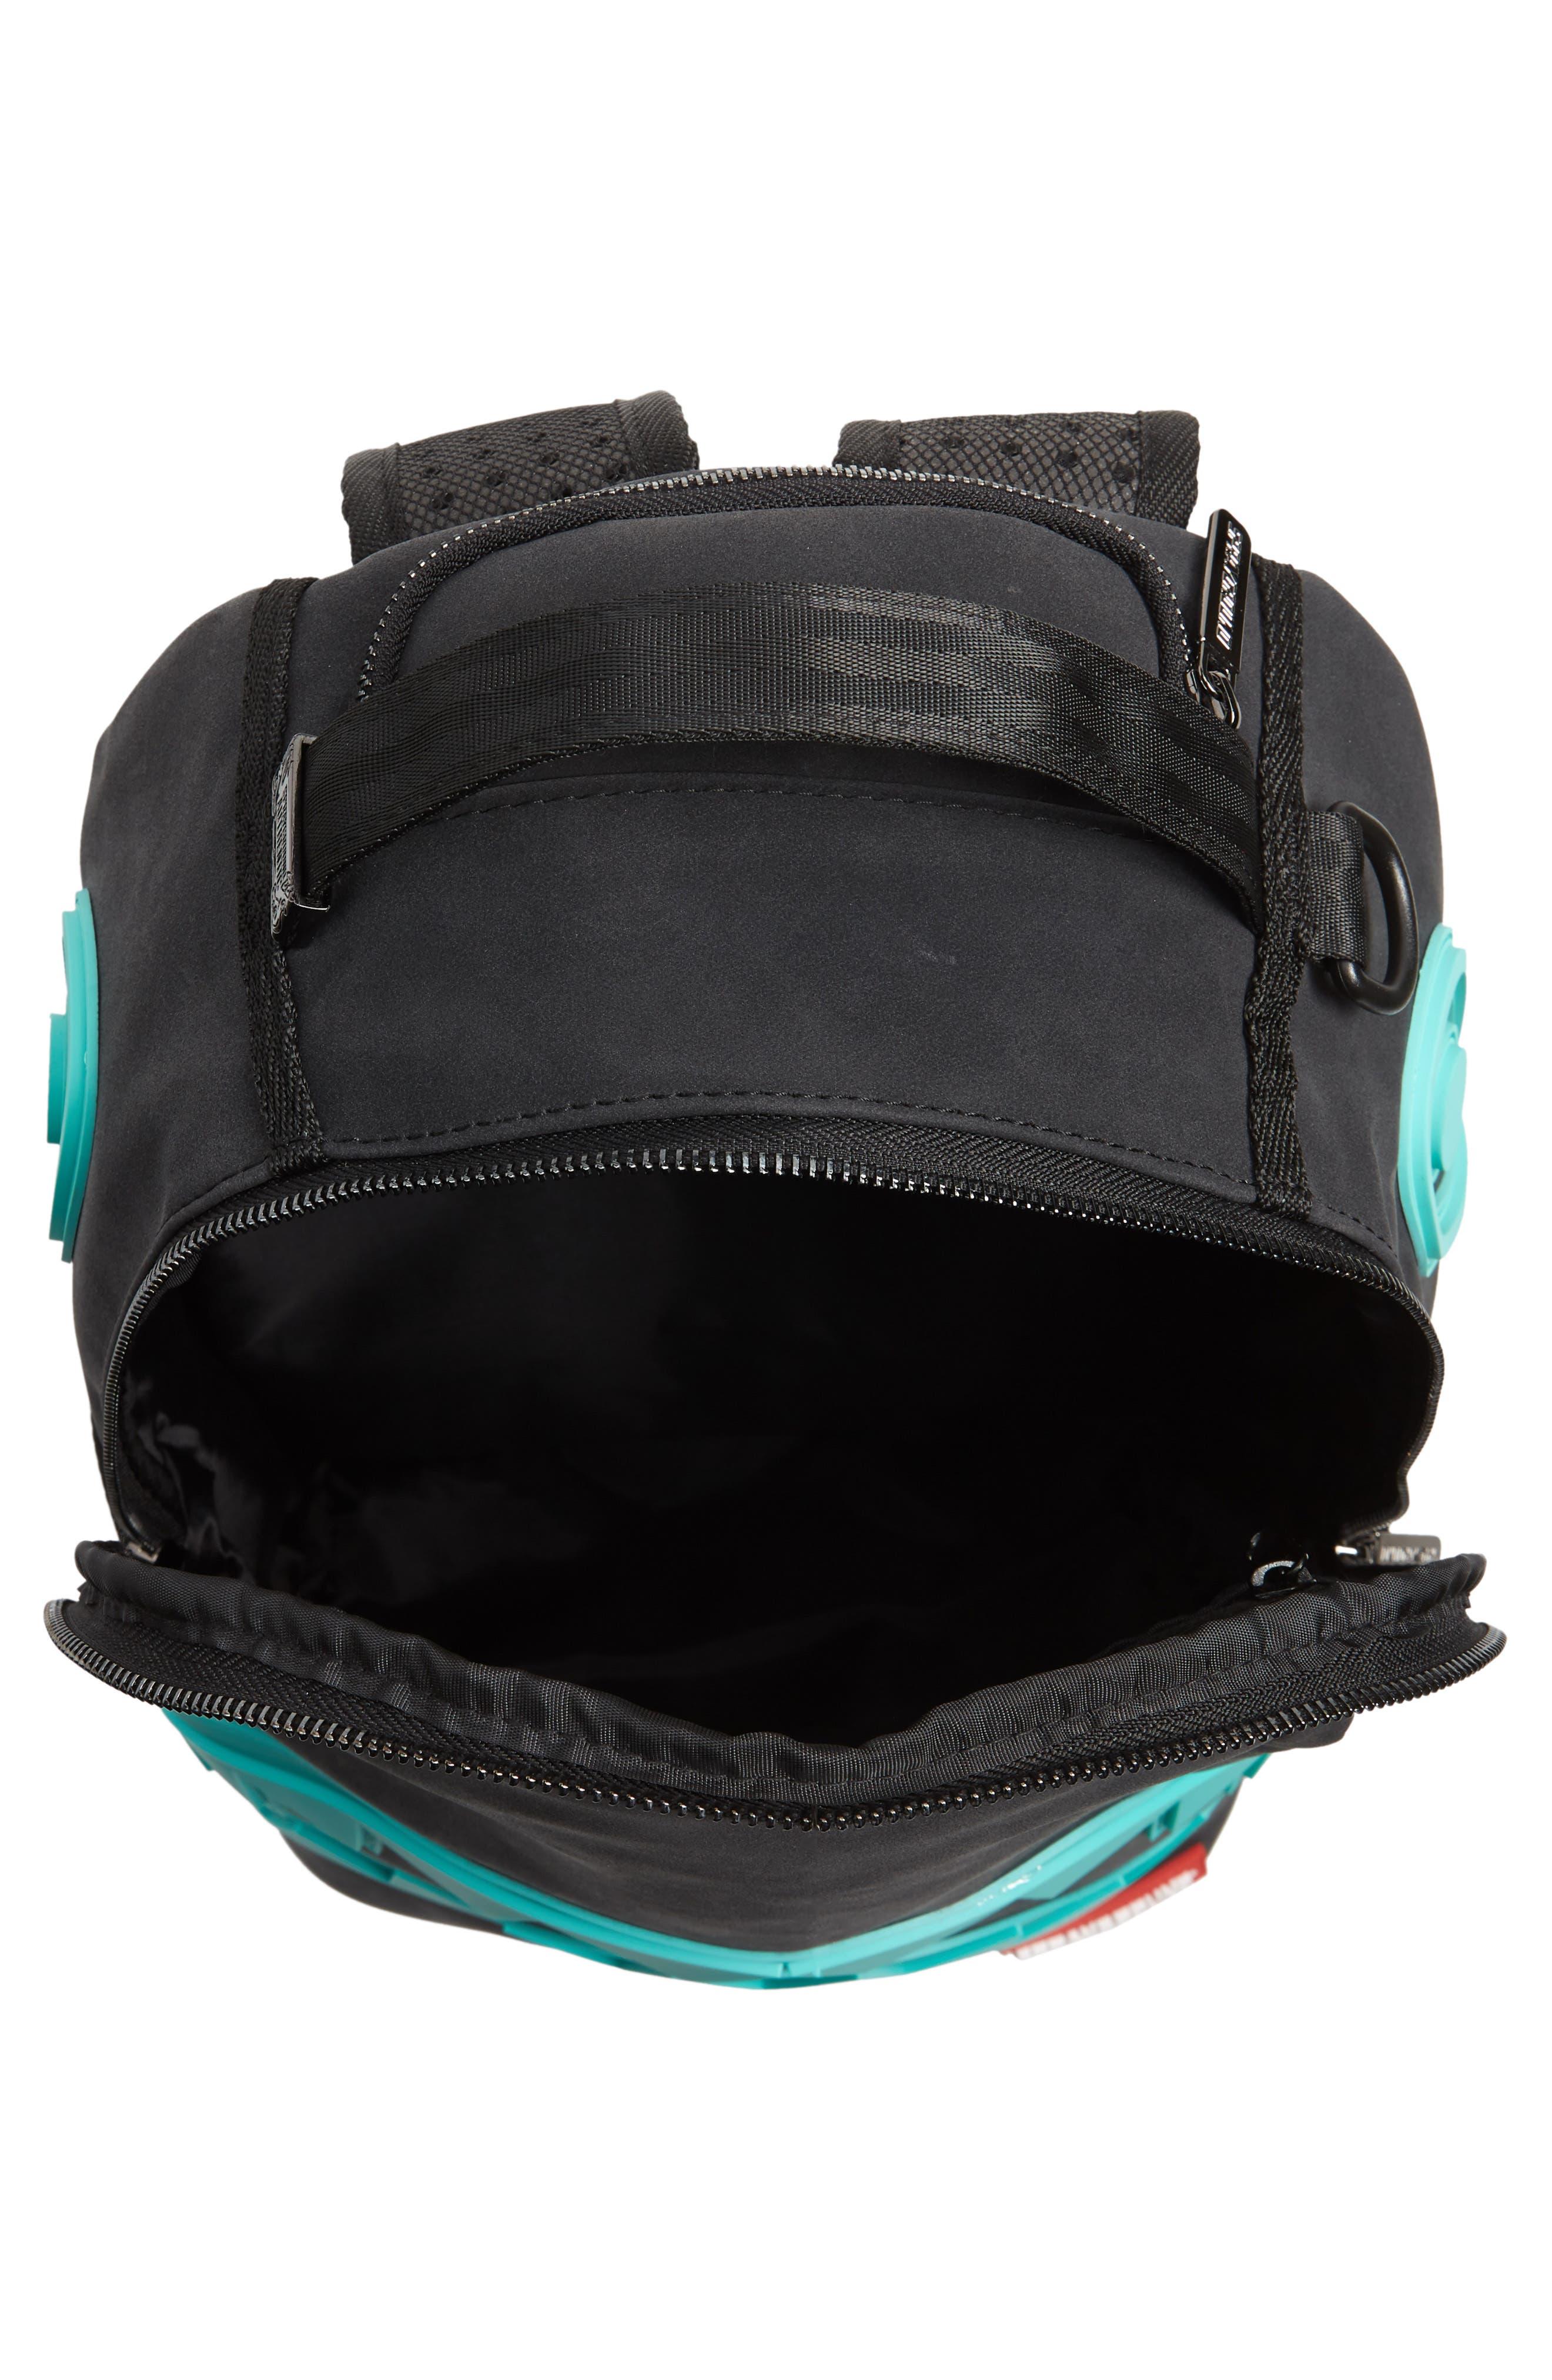 Tiff Shark Backpack,                             Alternate thumbnail 4, color,